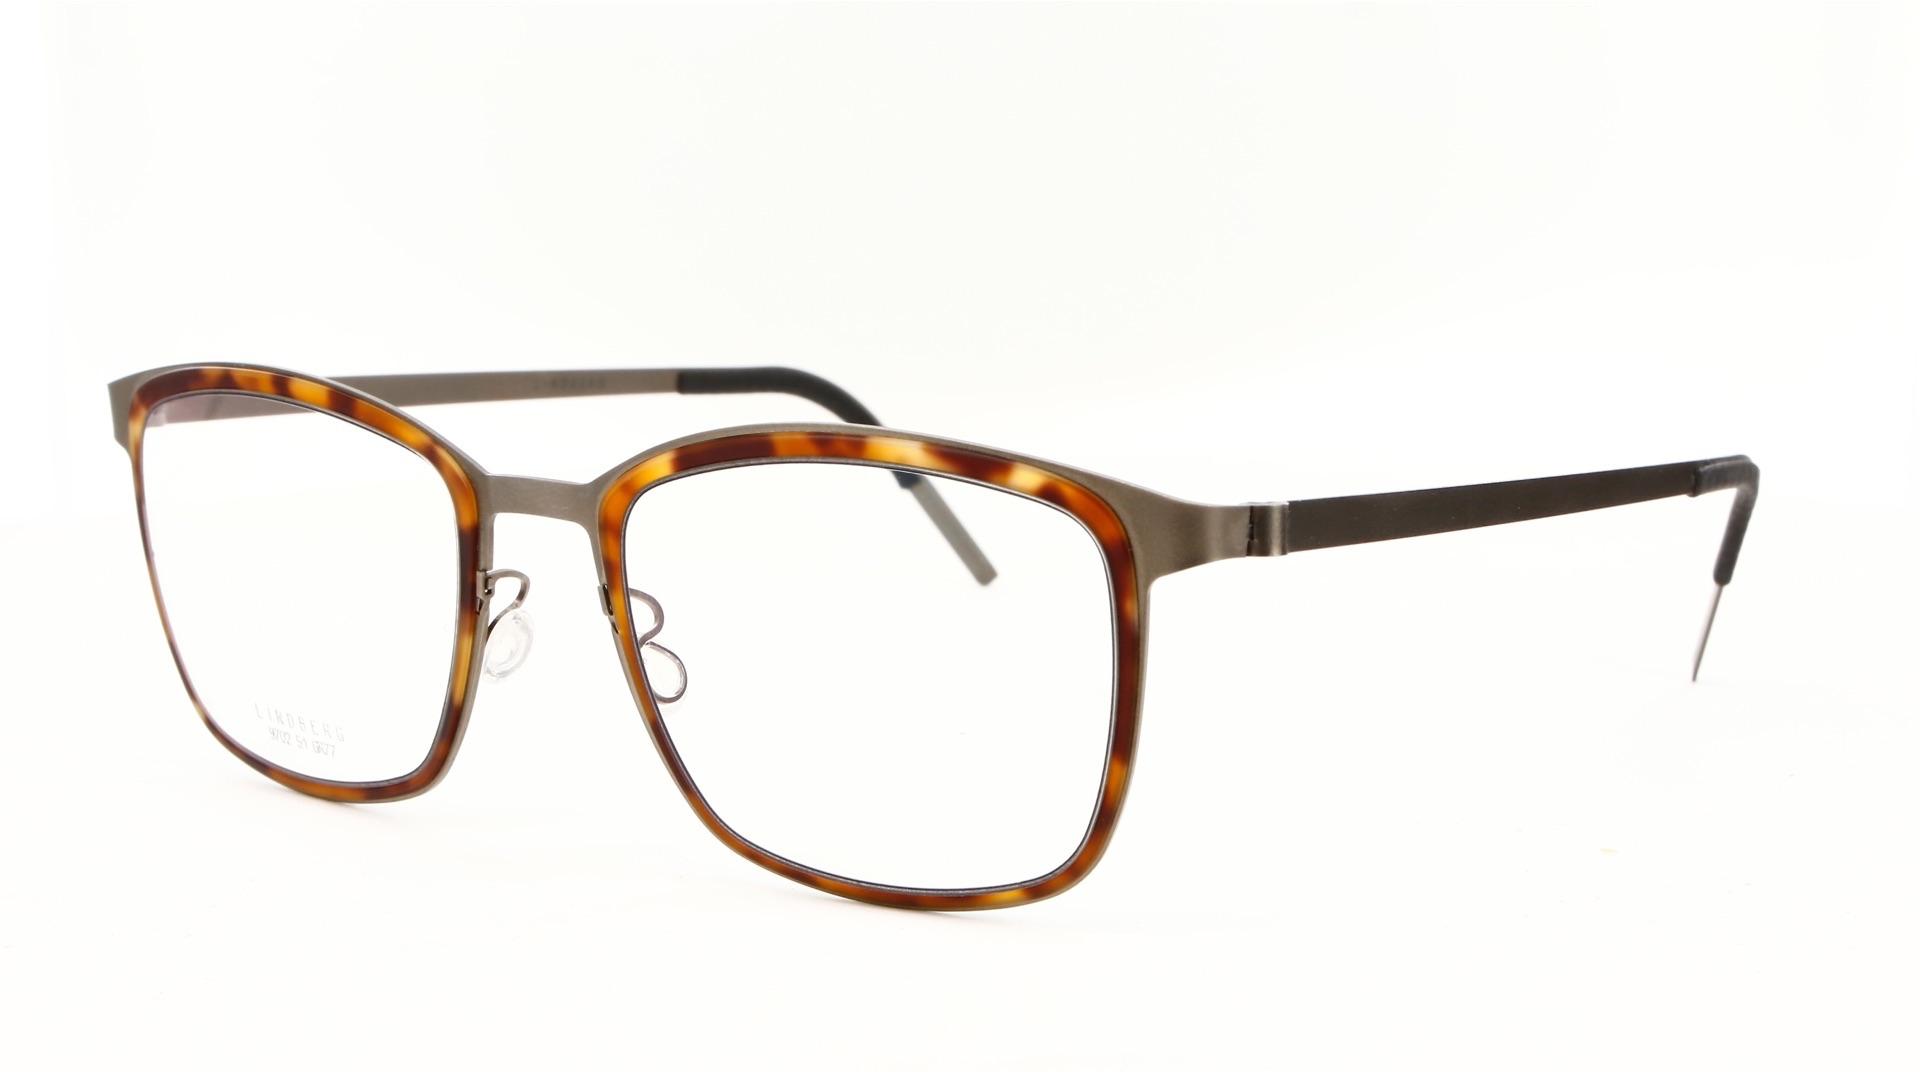 c8acff0b69d lindberg brillen - Ecosia